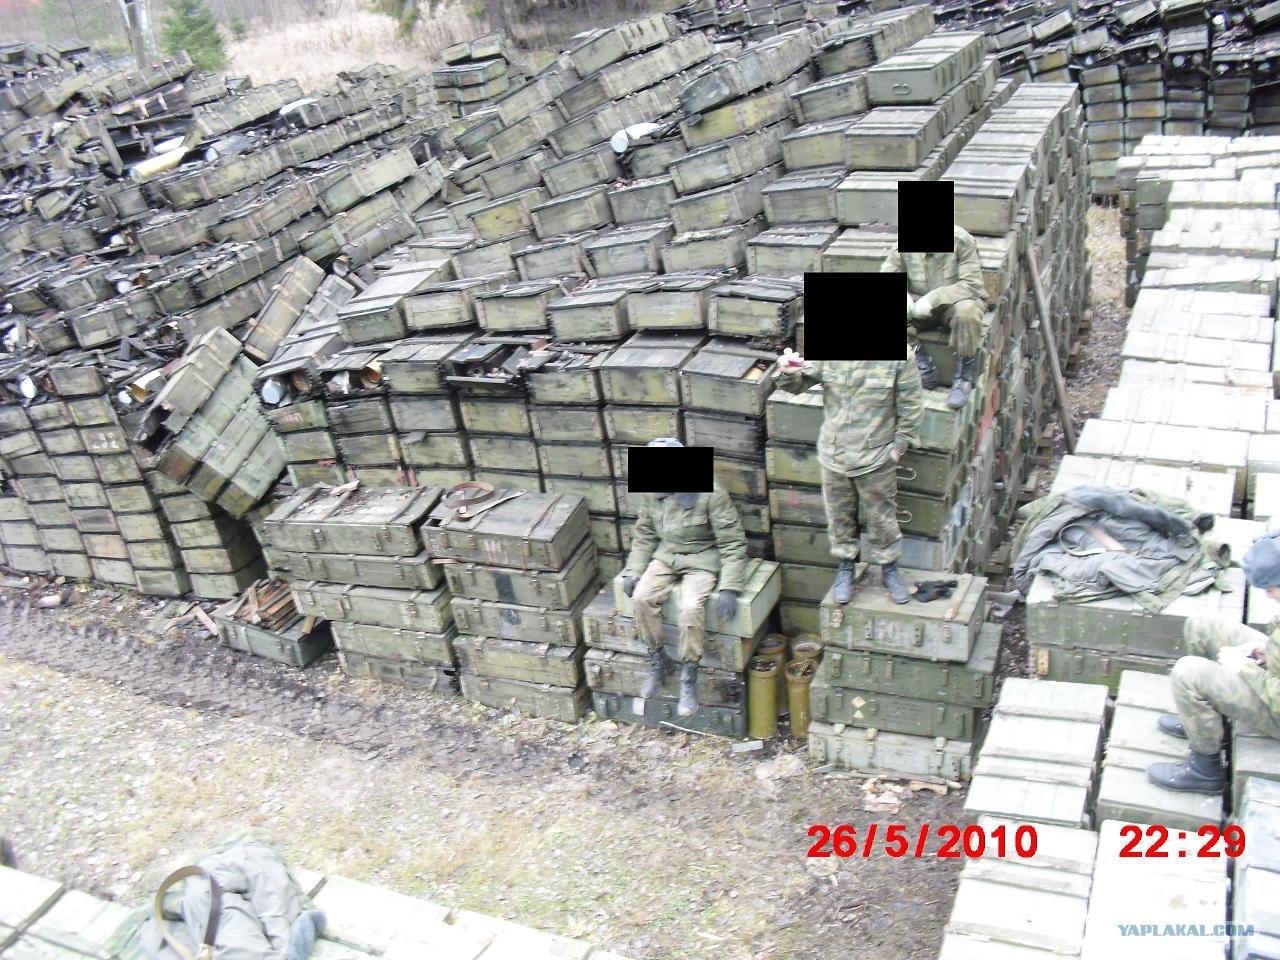 В России загорелся склад с 13-ю миллионами единиц боеприпасов - Цензор.НЕТ 4369